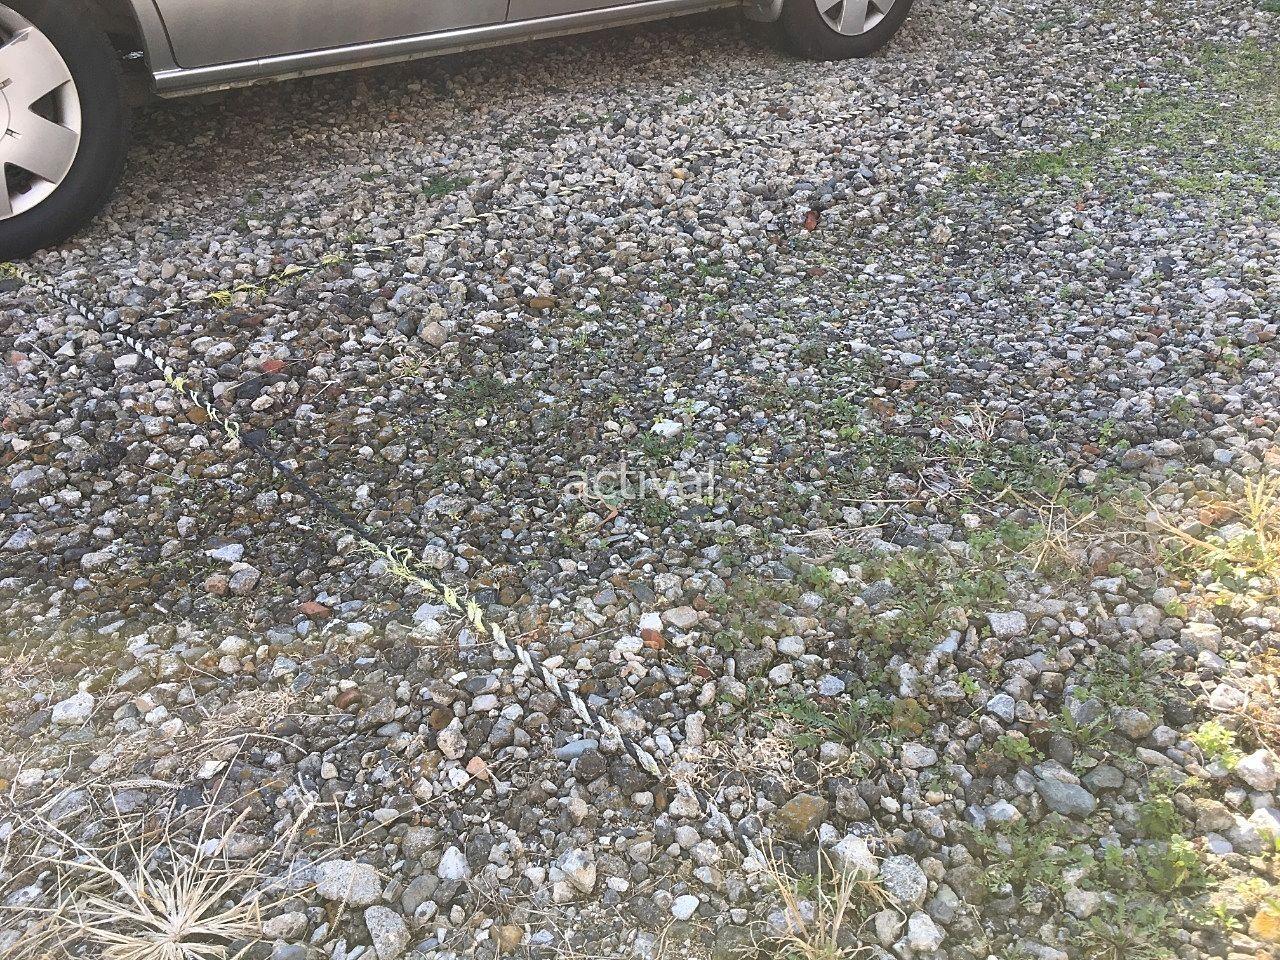 に月極駐車場の駐車区画割りのためのロープが解れています!